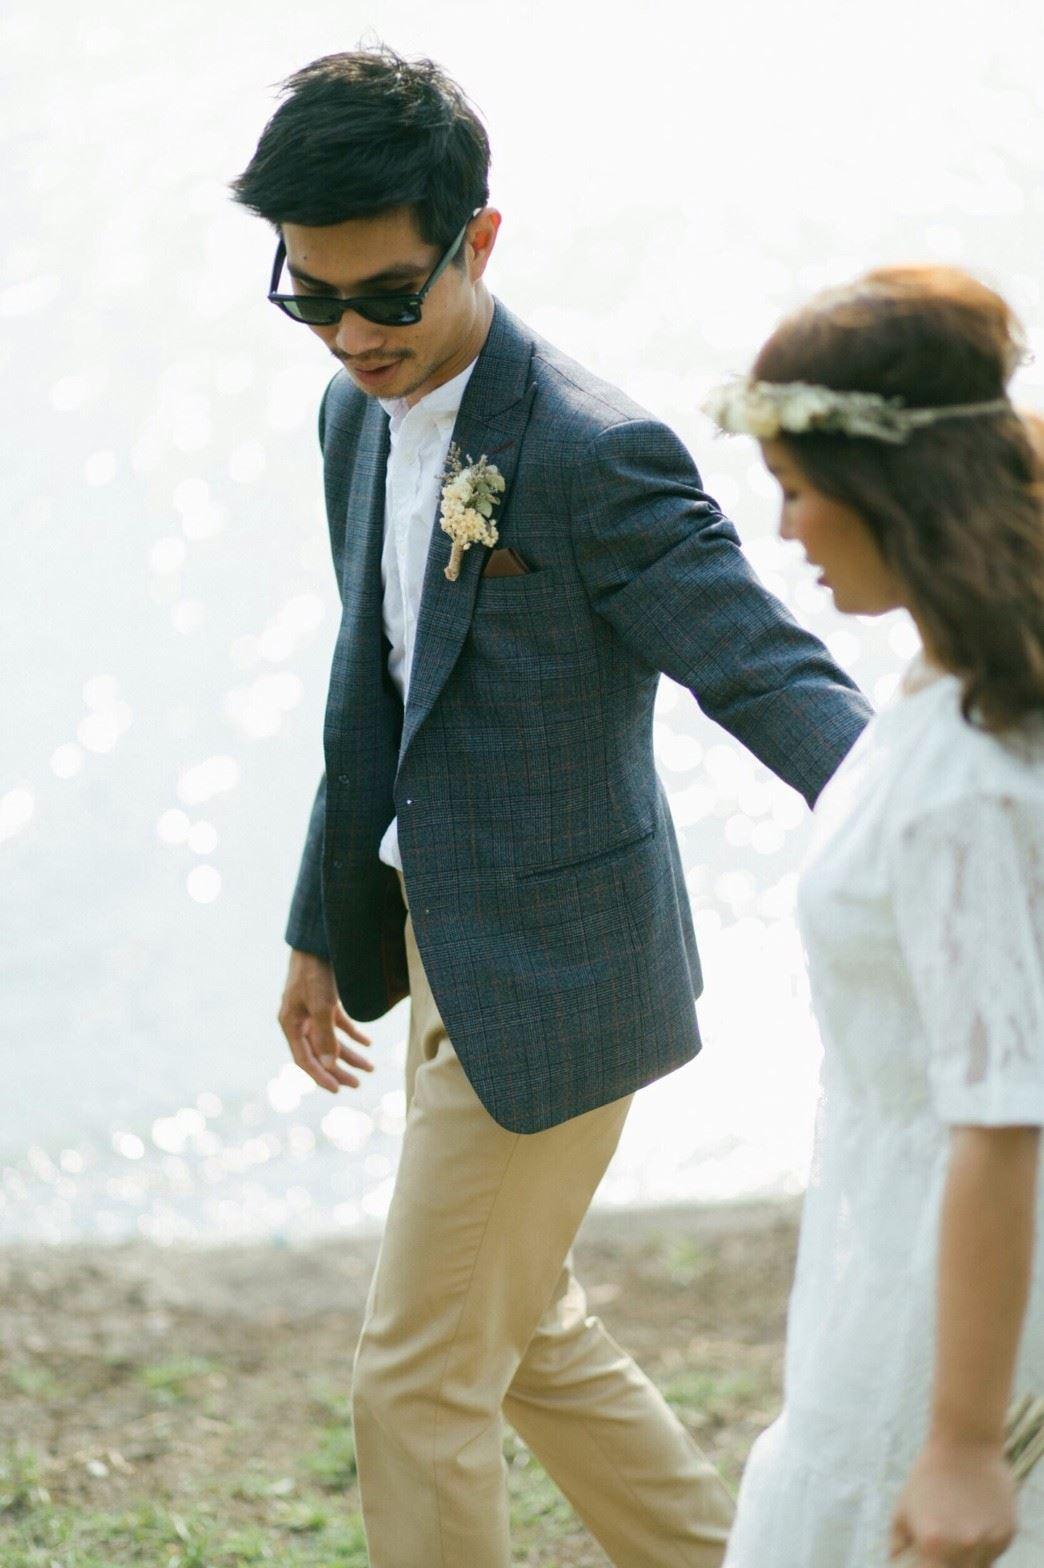 สูทเจ้าบ่าว_สูทแต่งงาน_wedding_suit_groom_suit_034